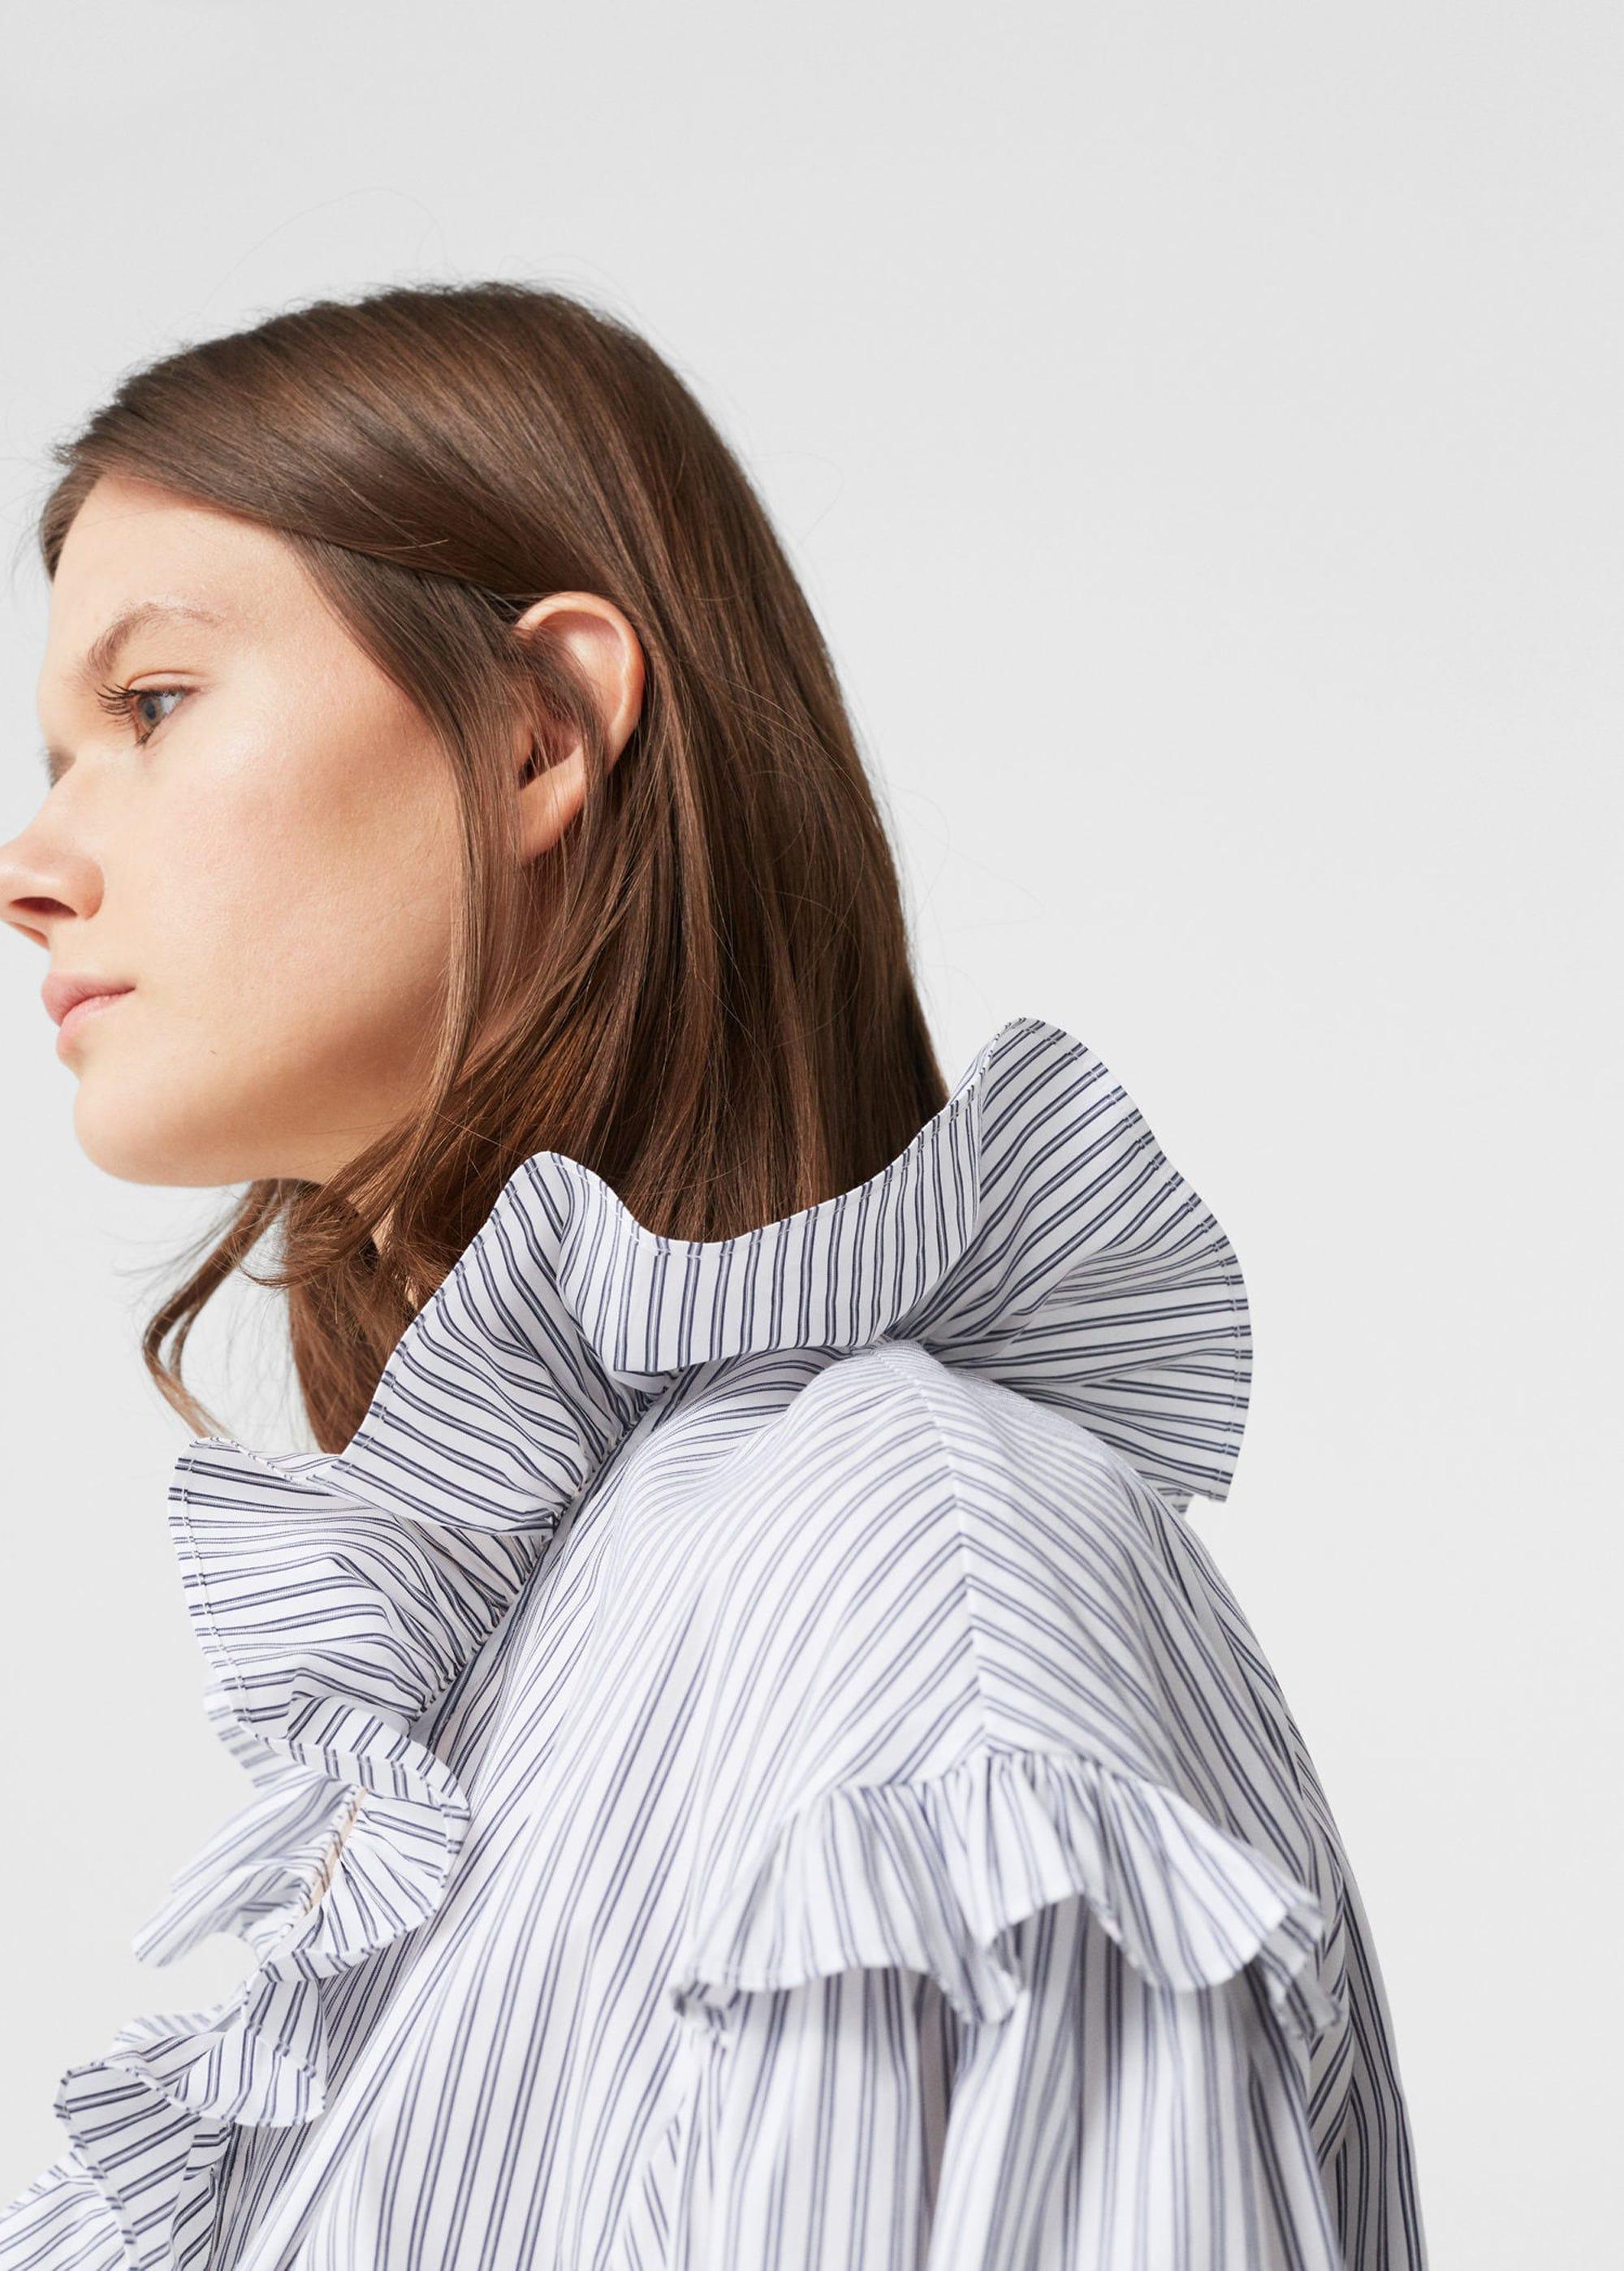 Ruffle Clothing Fashion Trend - How To Wear Ruffles